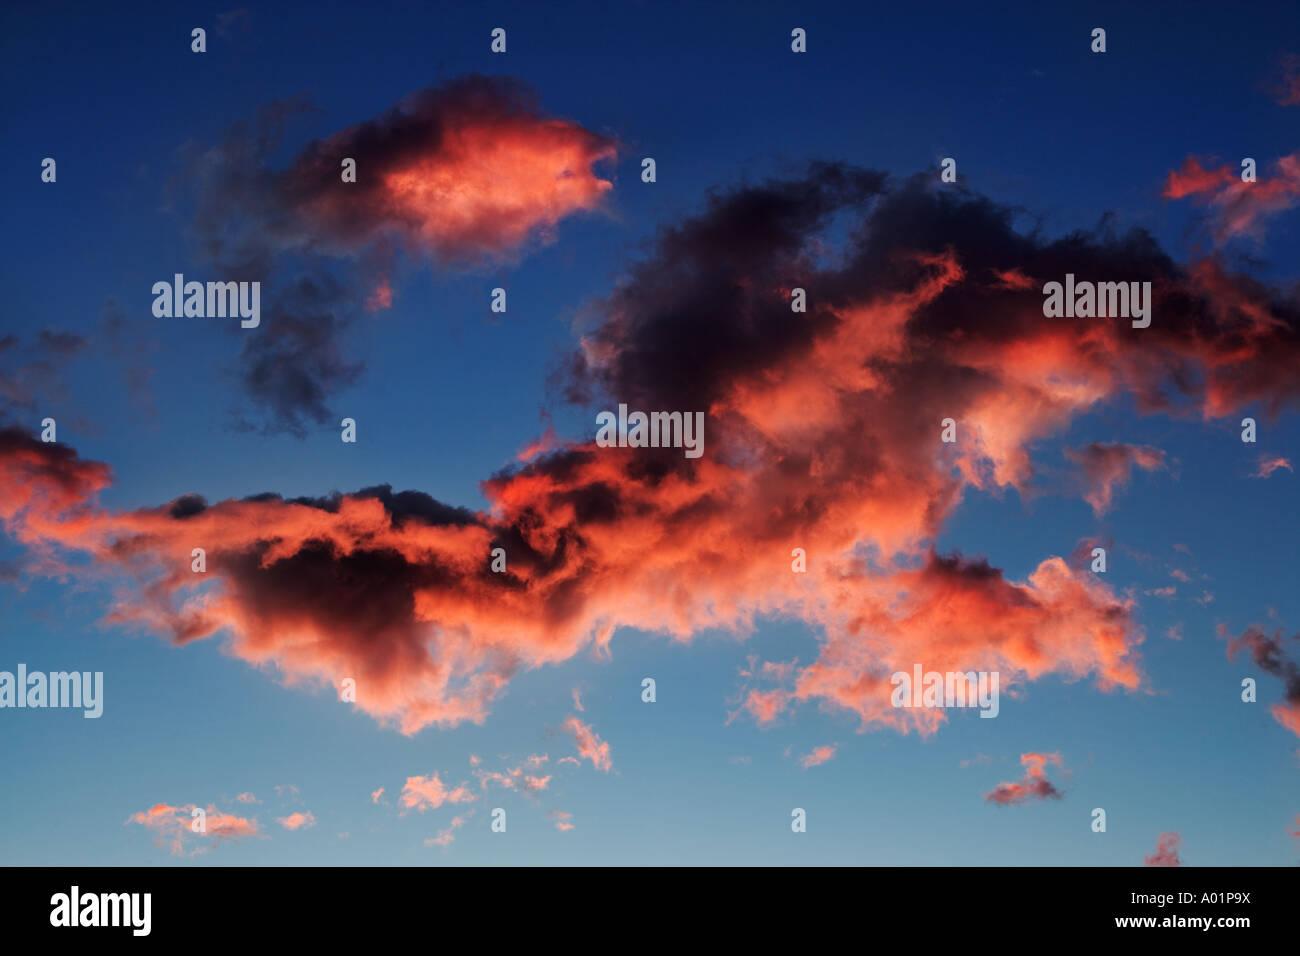 Wolkenbildung bei Sonnenaufgang oder Sonnenuntergang Stockbild